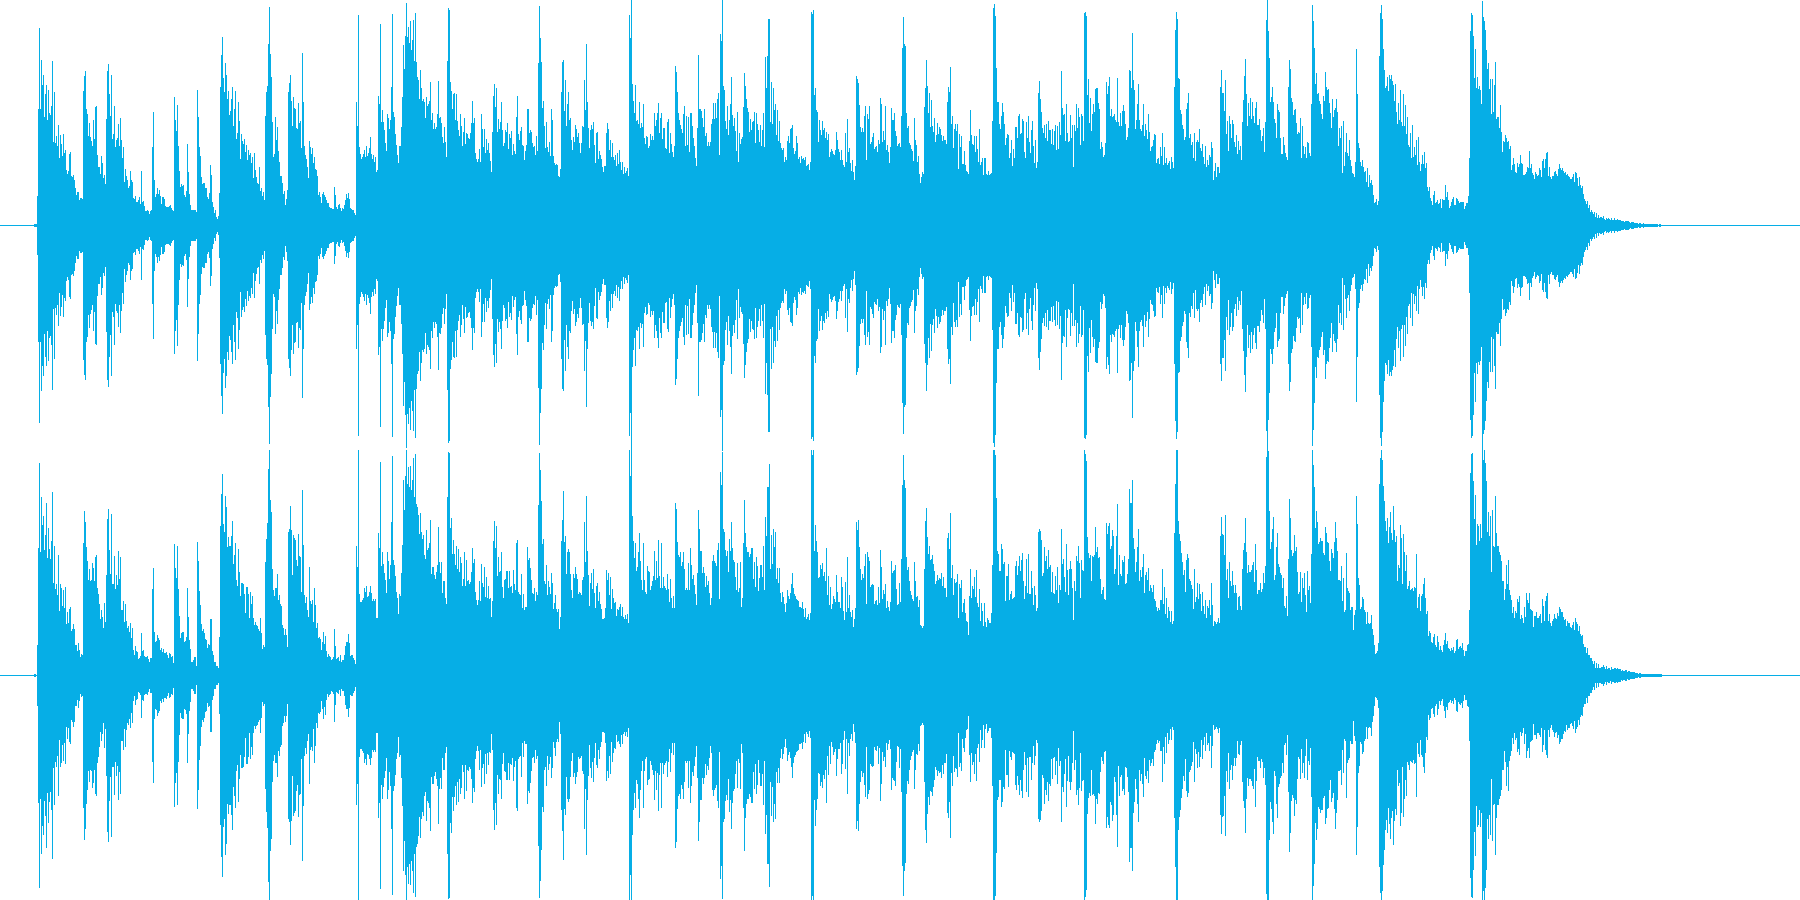 明るくおしゃれシンセテクノサウンドの再生済みの波形